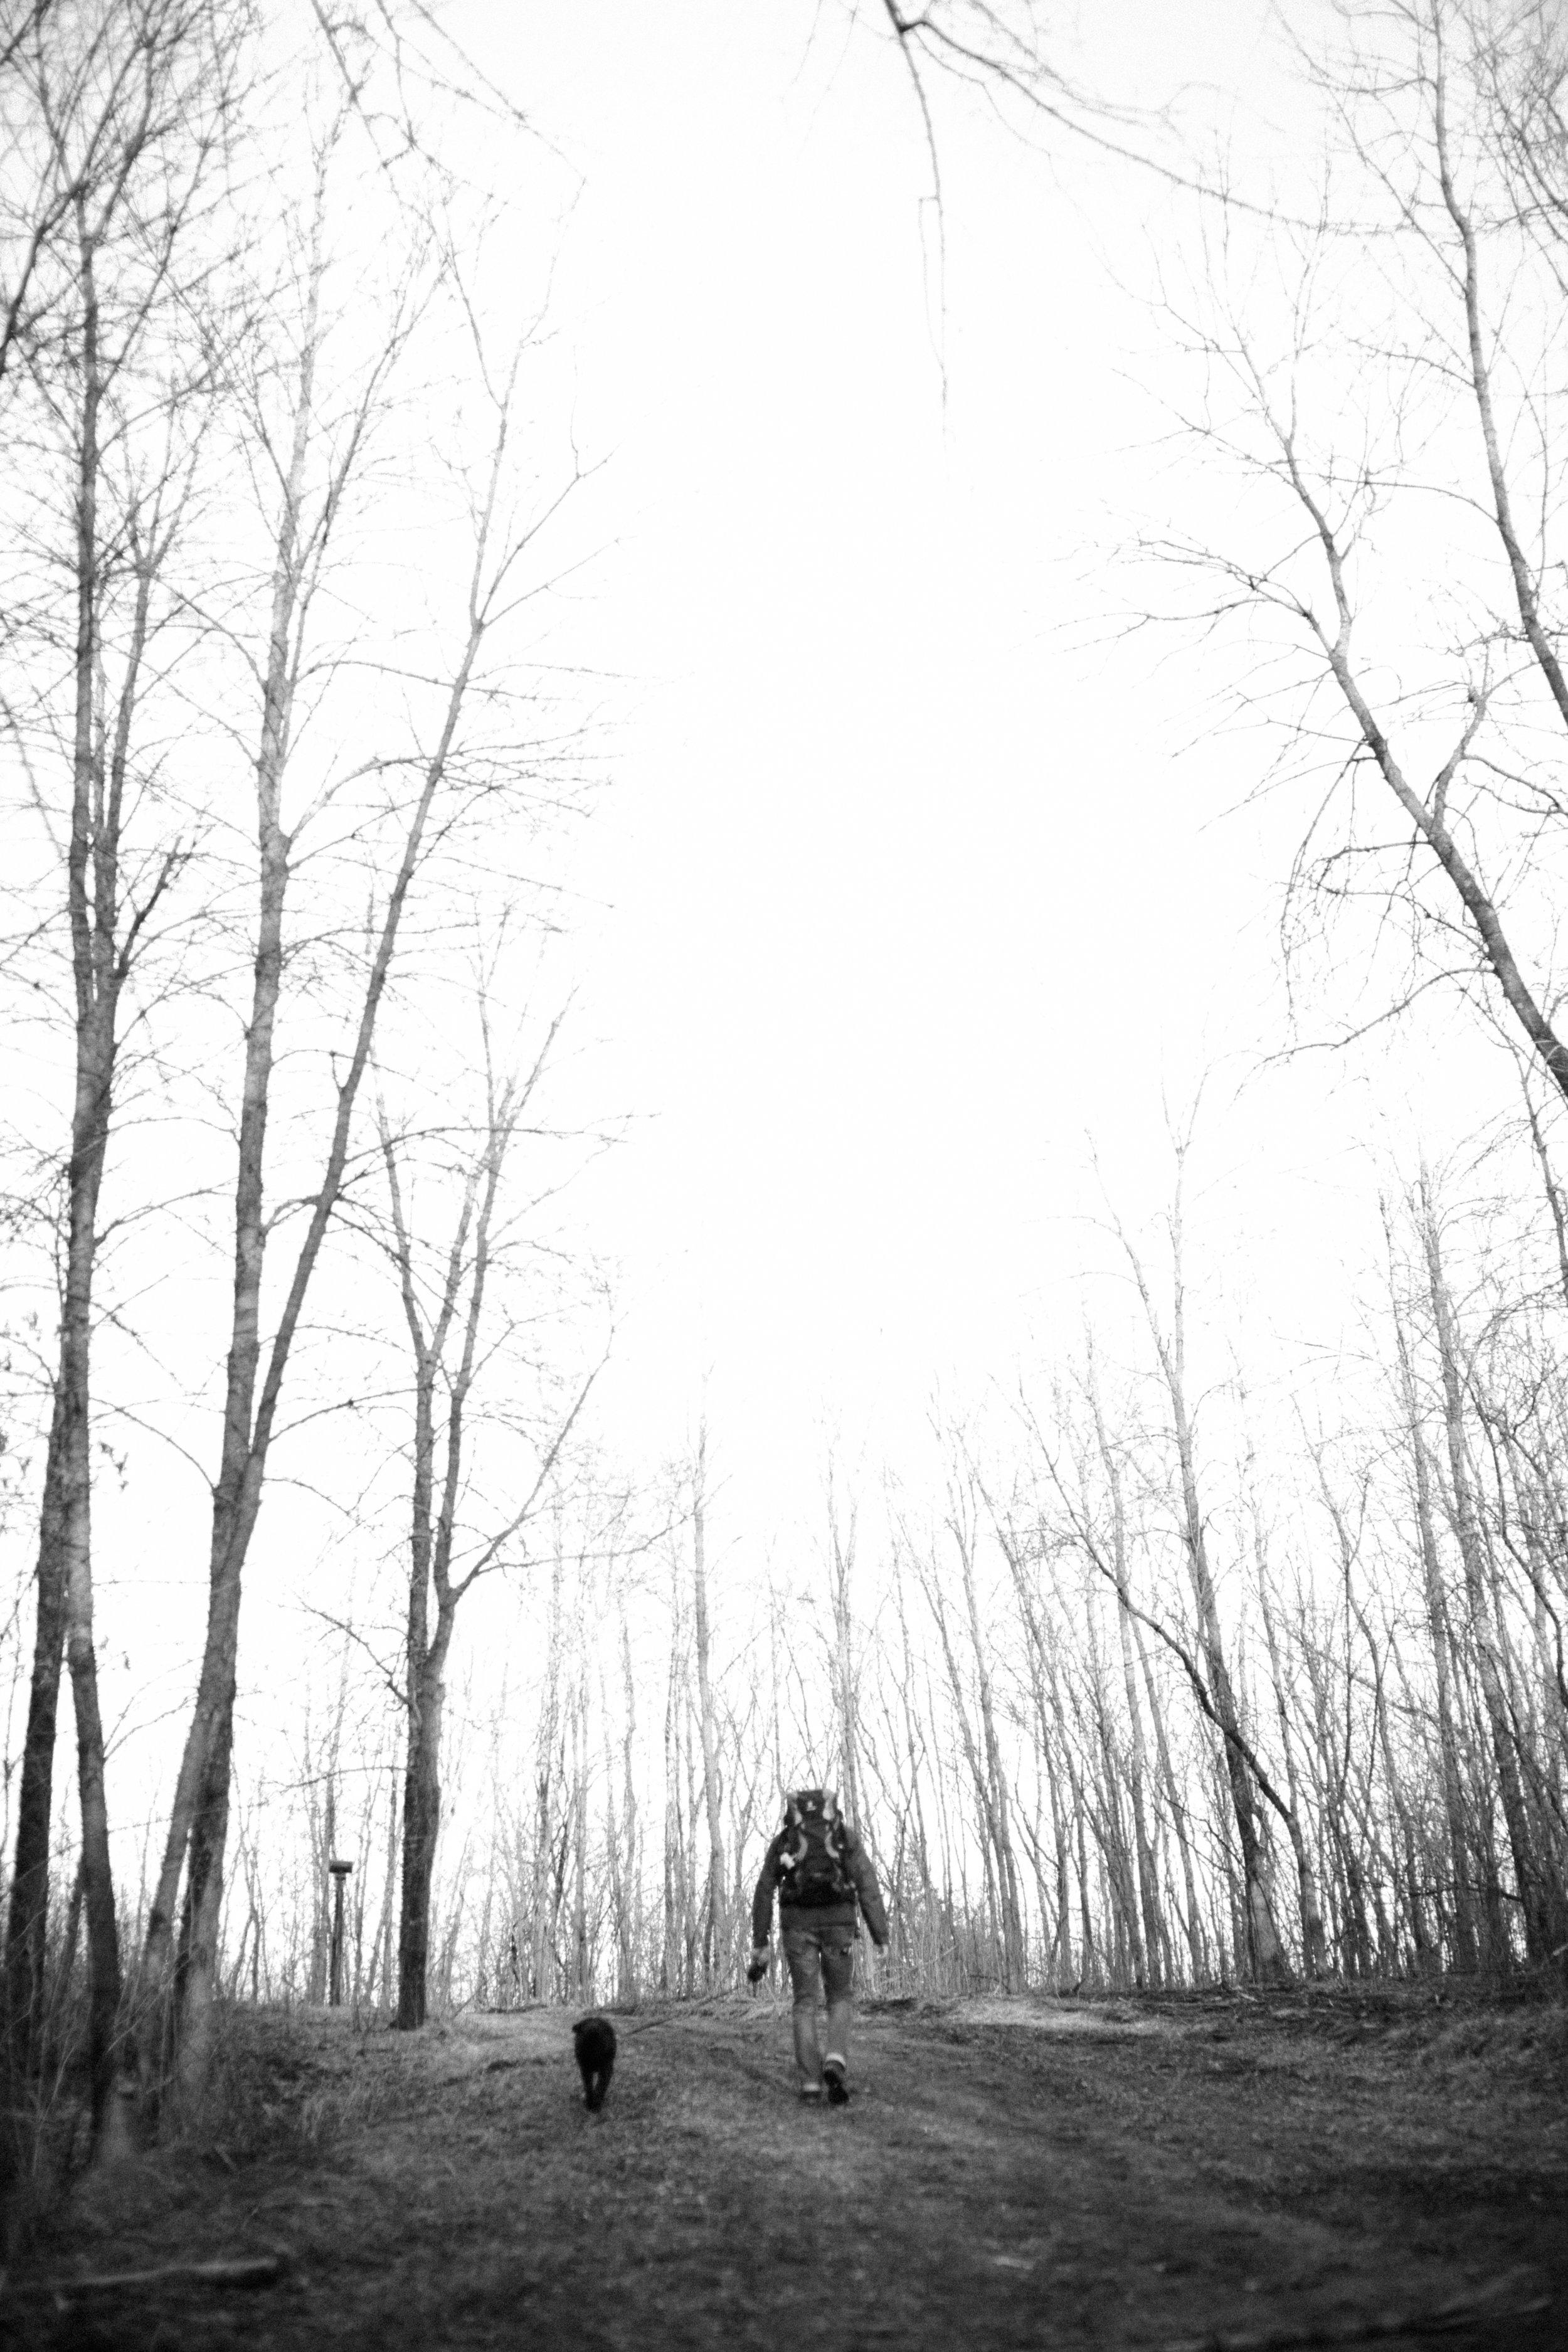 Hiking-3.21.2017-5.jpg